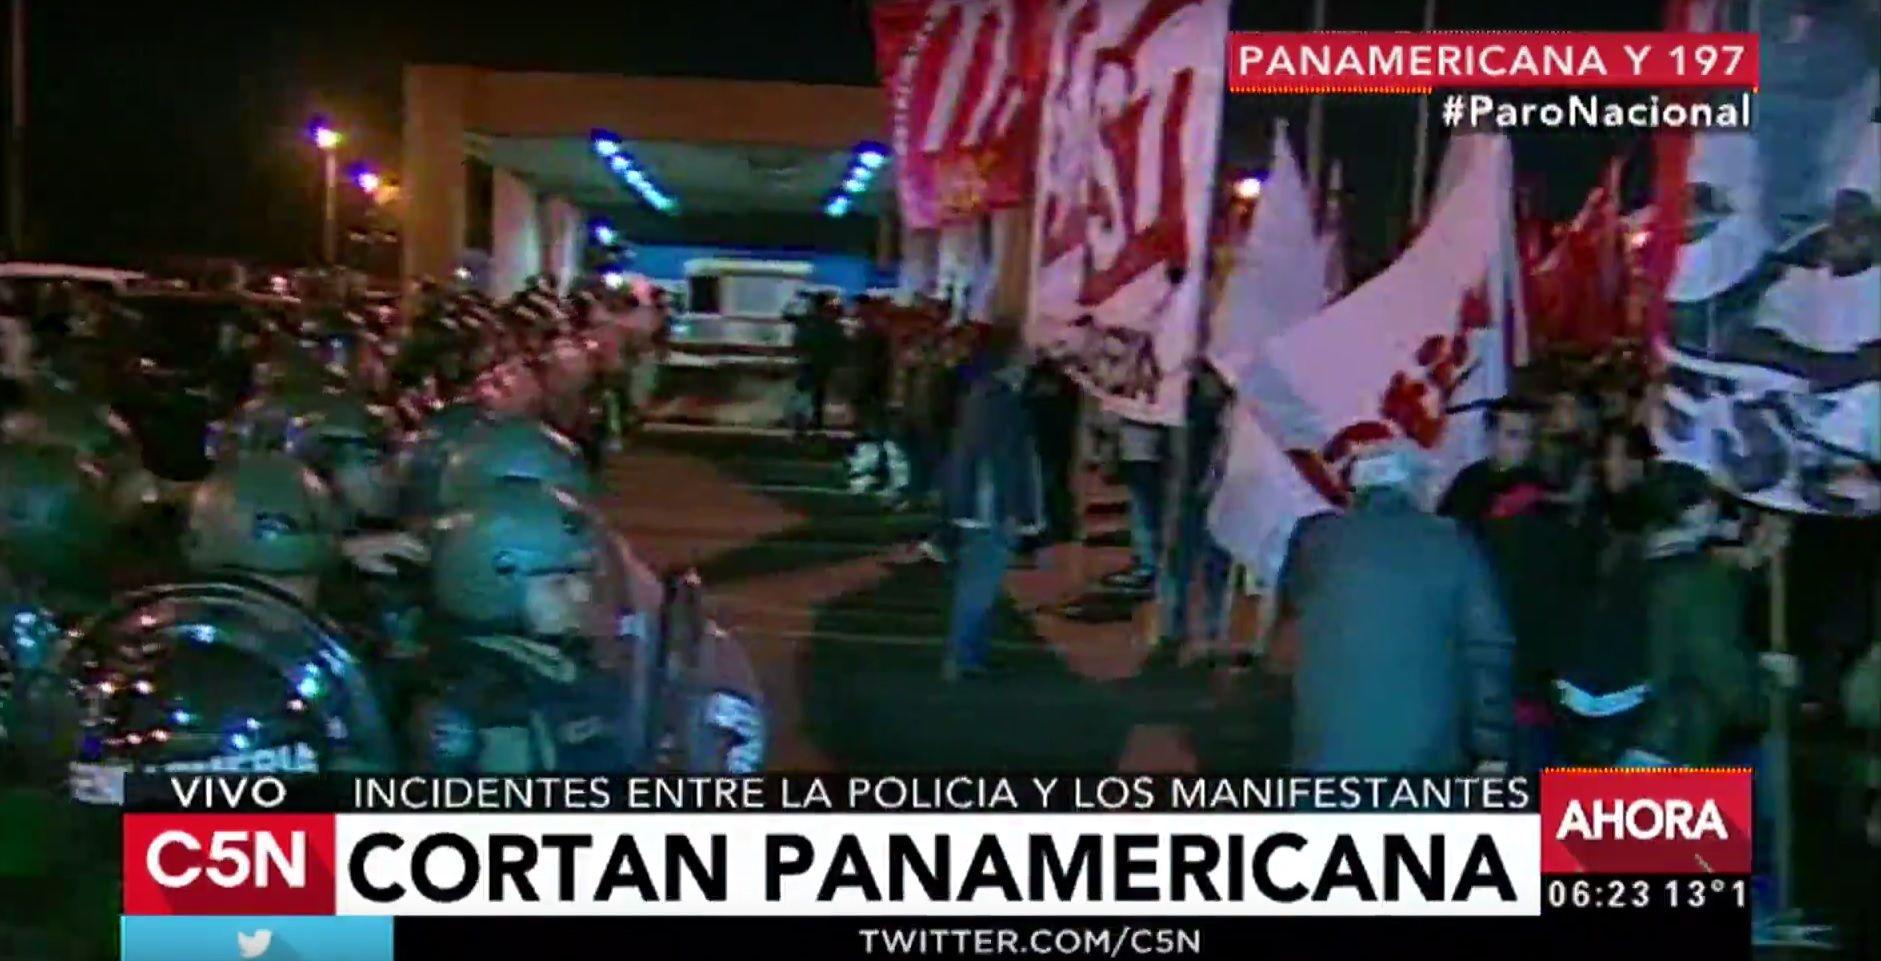 Paro nacional: corte total en Panamericana y 197